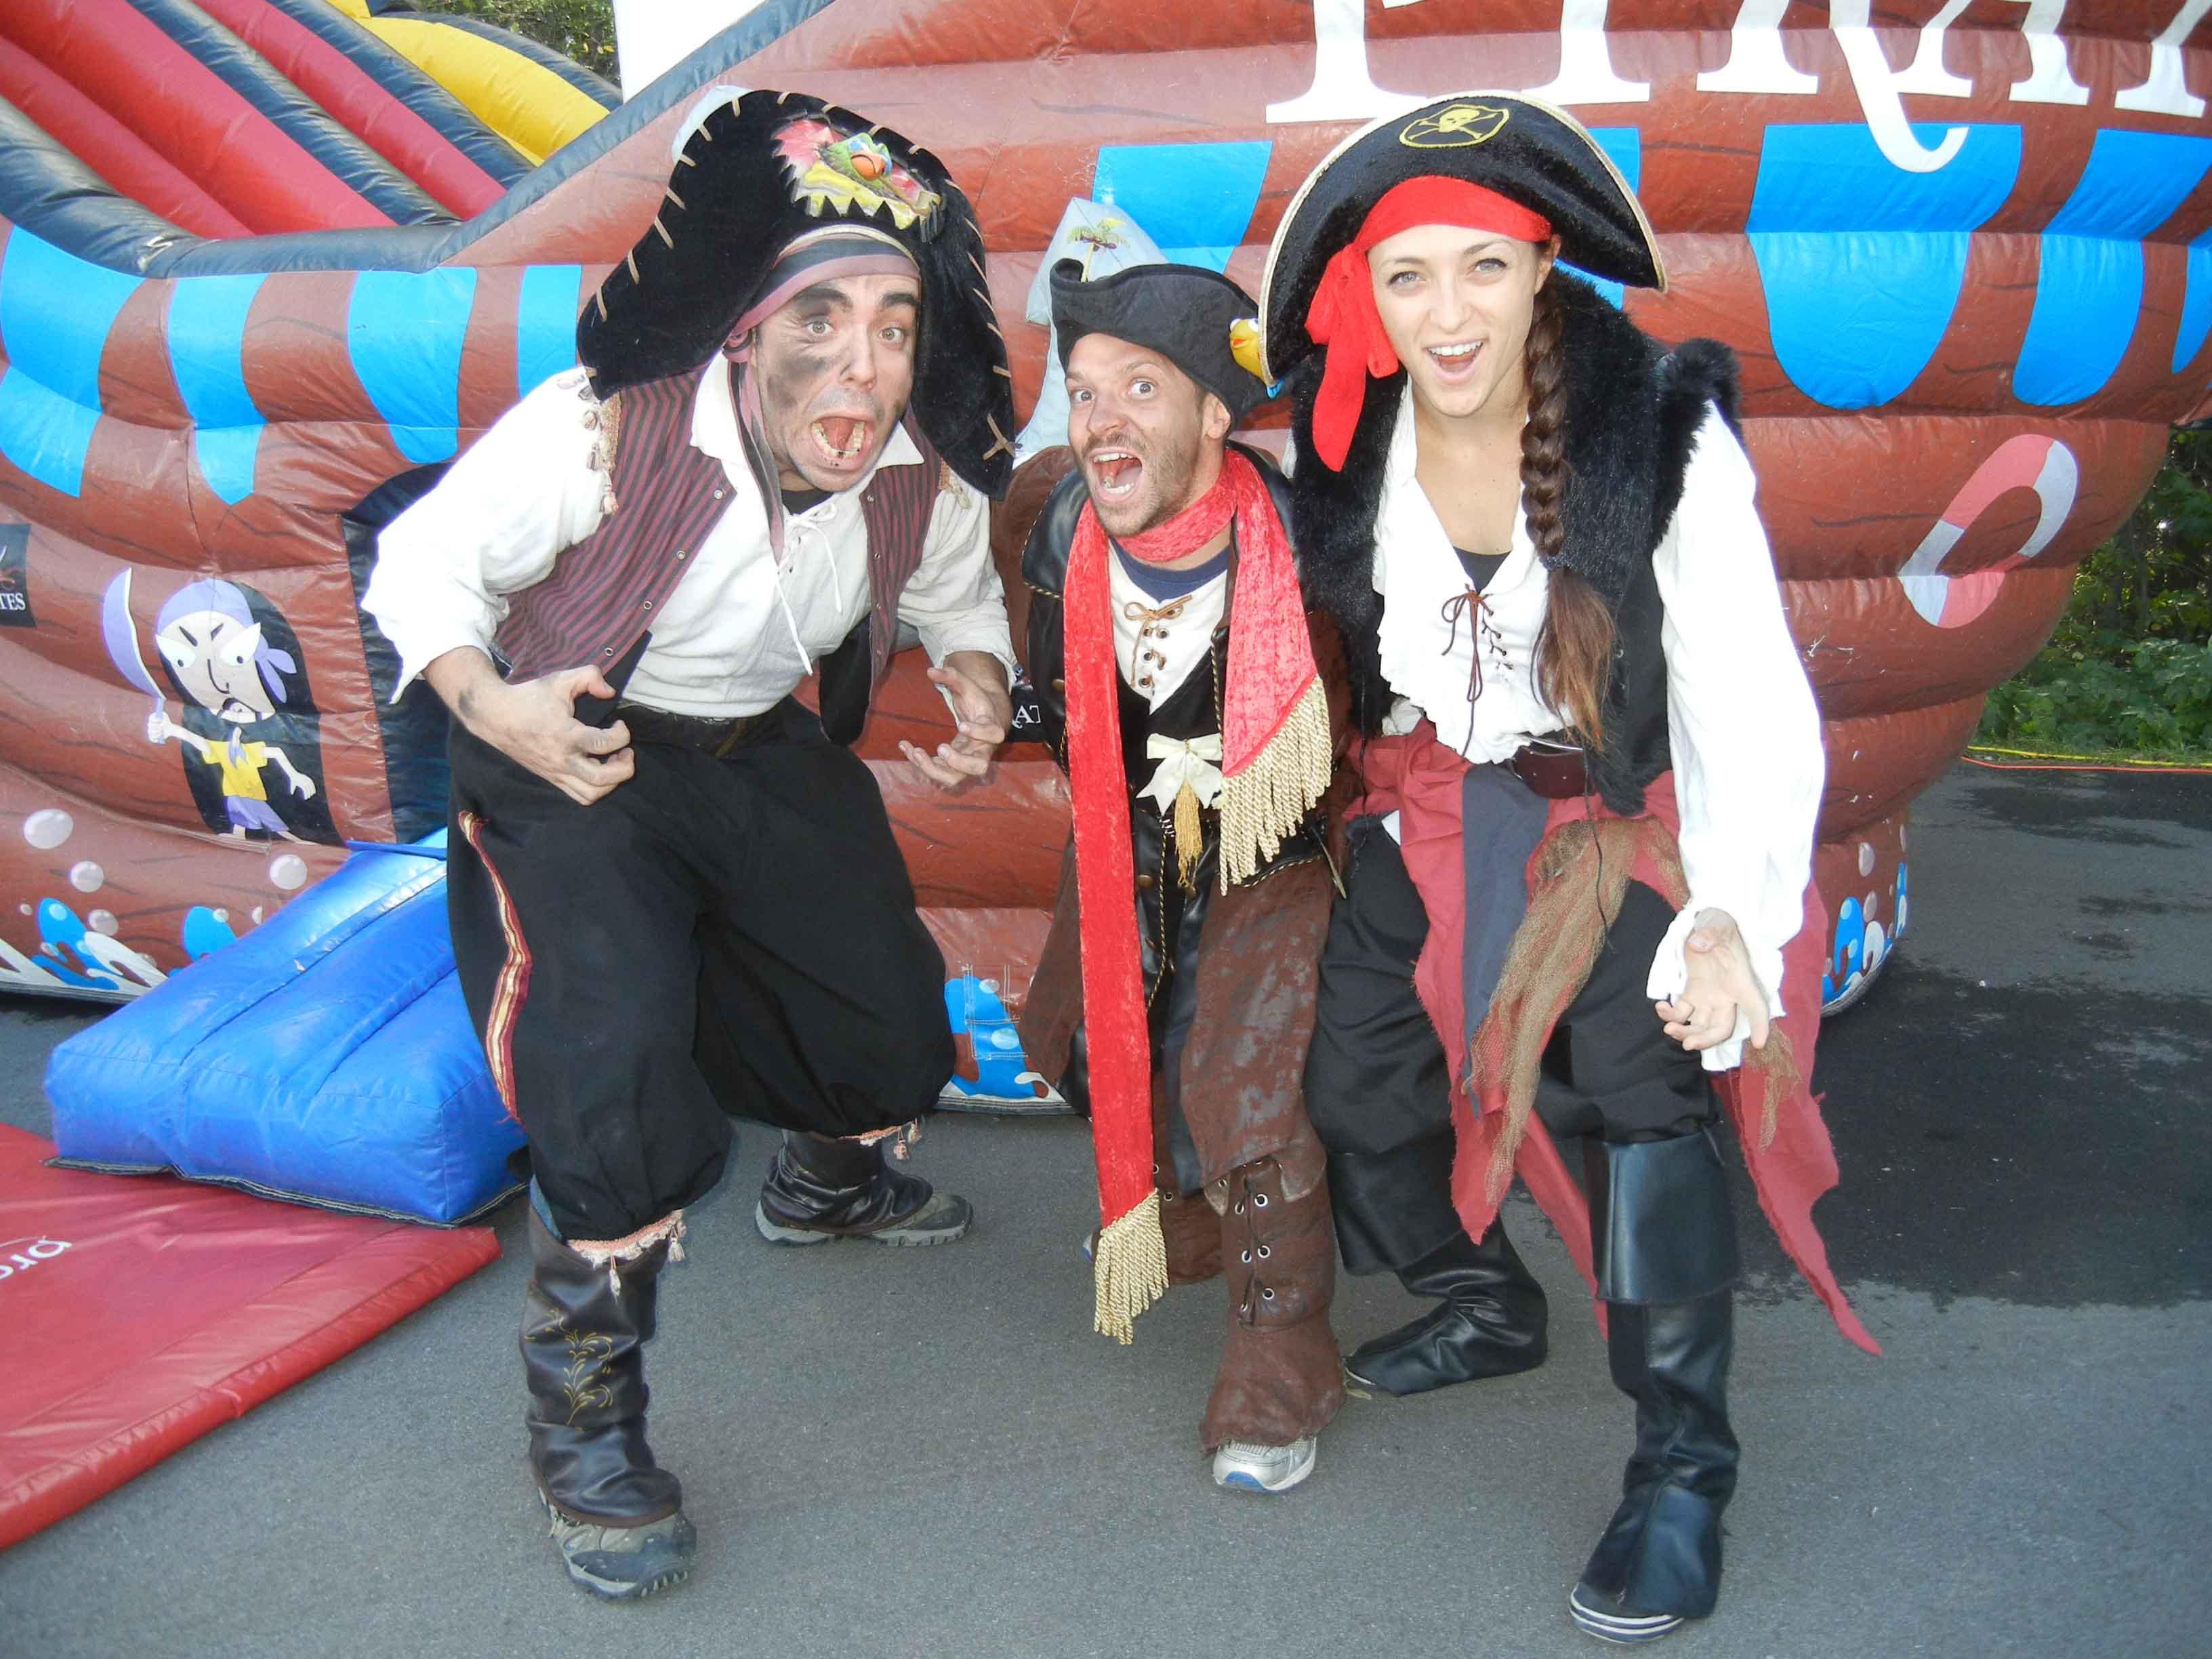 Grand jeu pirate